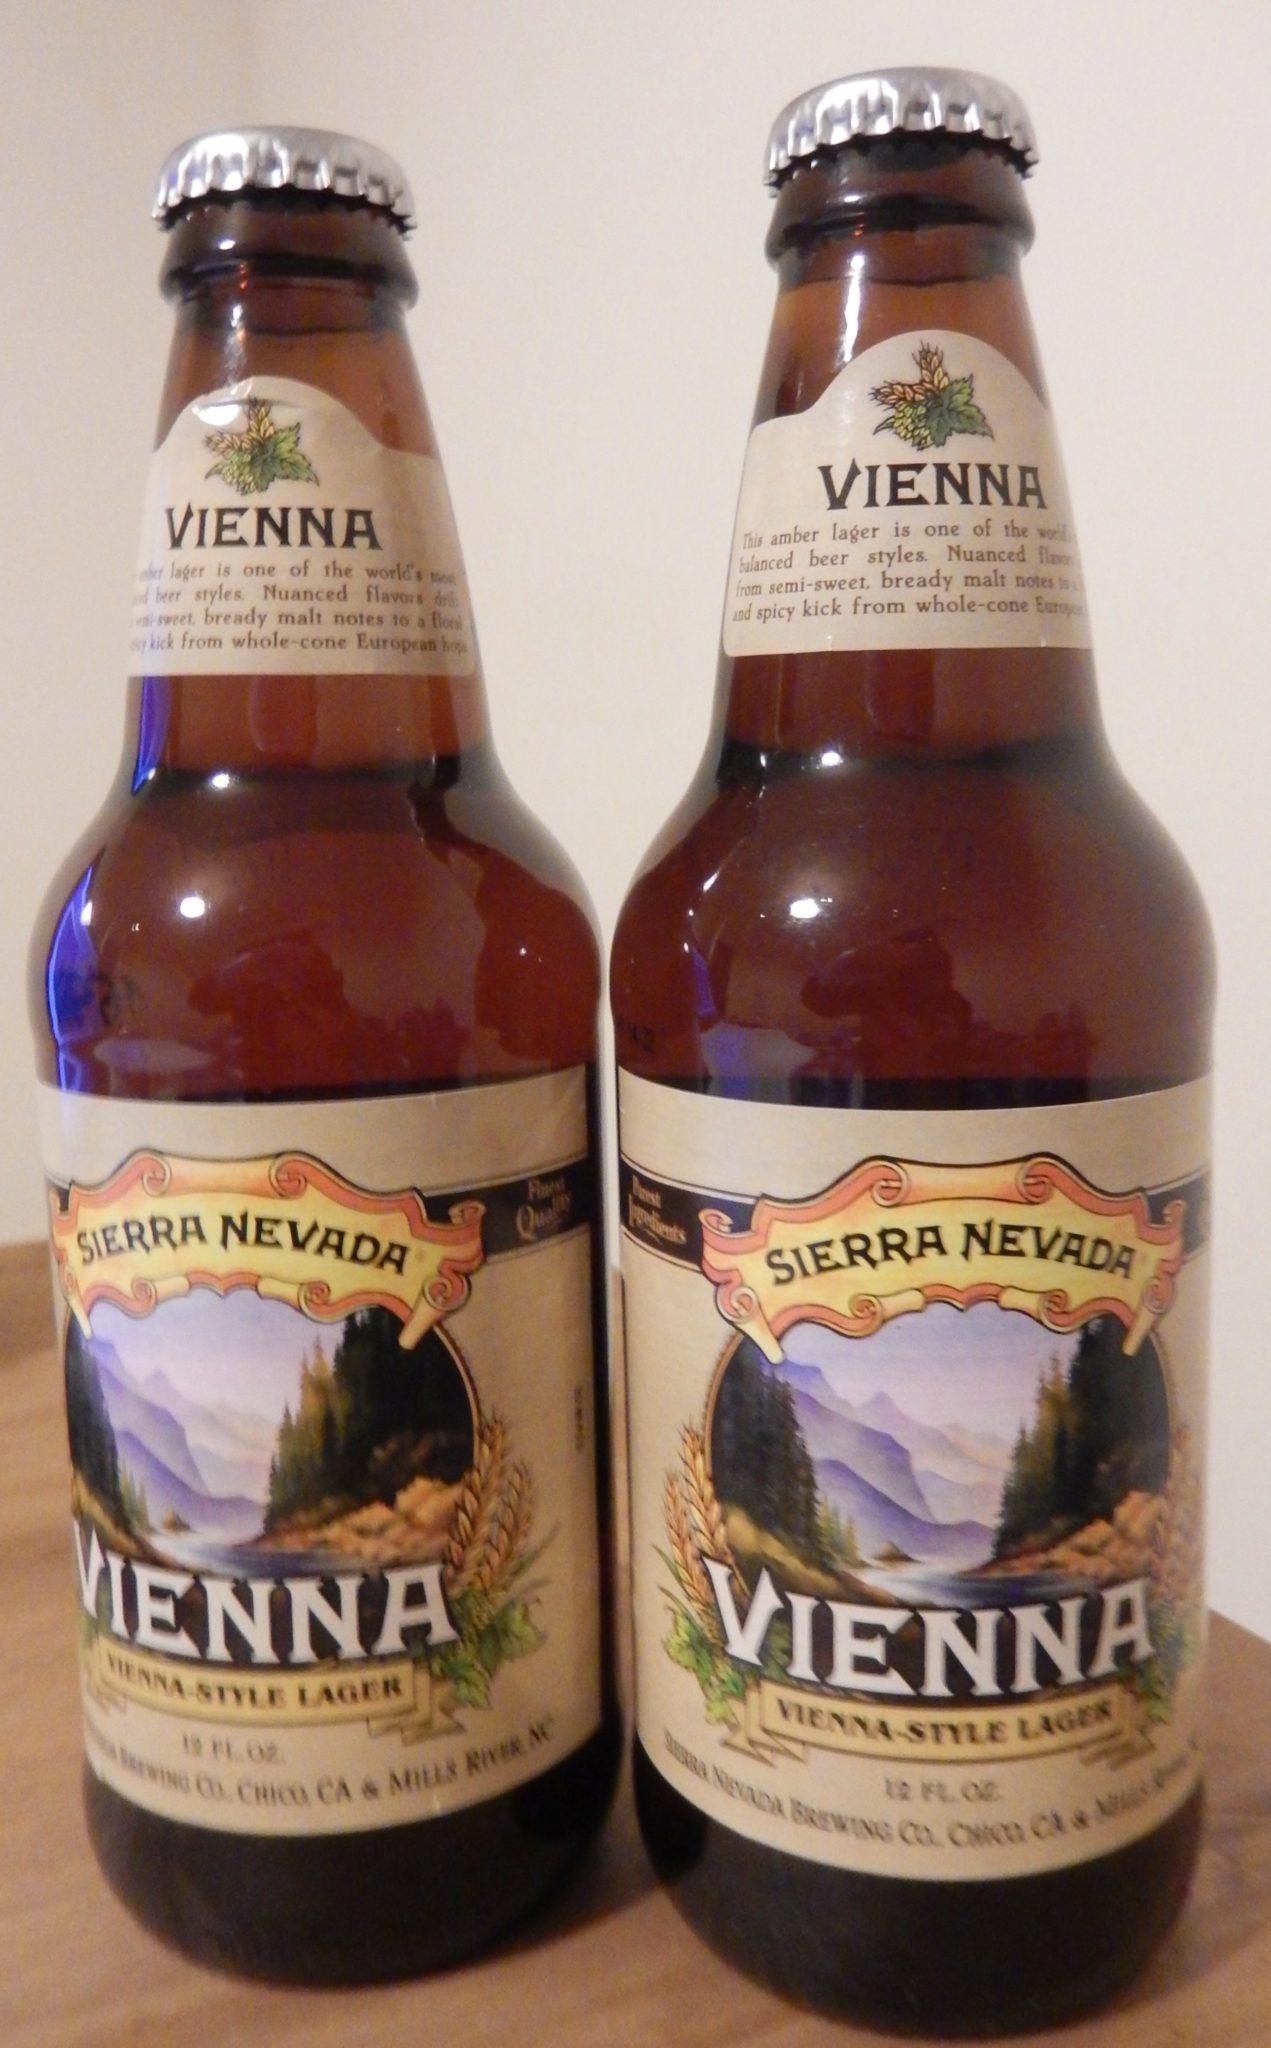 Sierra Nevada Vienna Style Lager